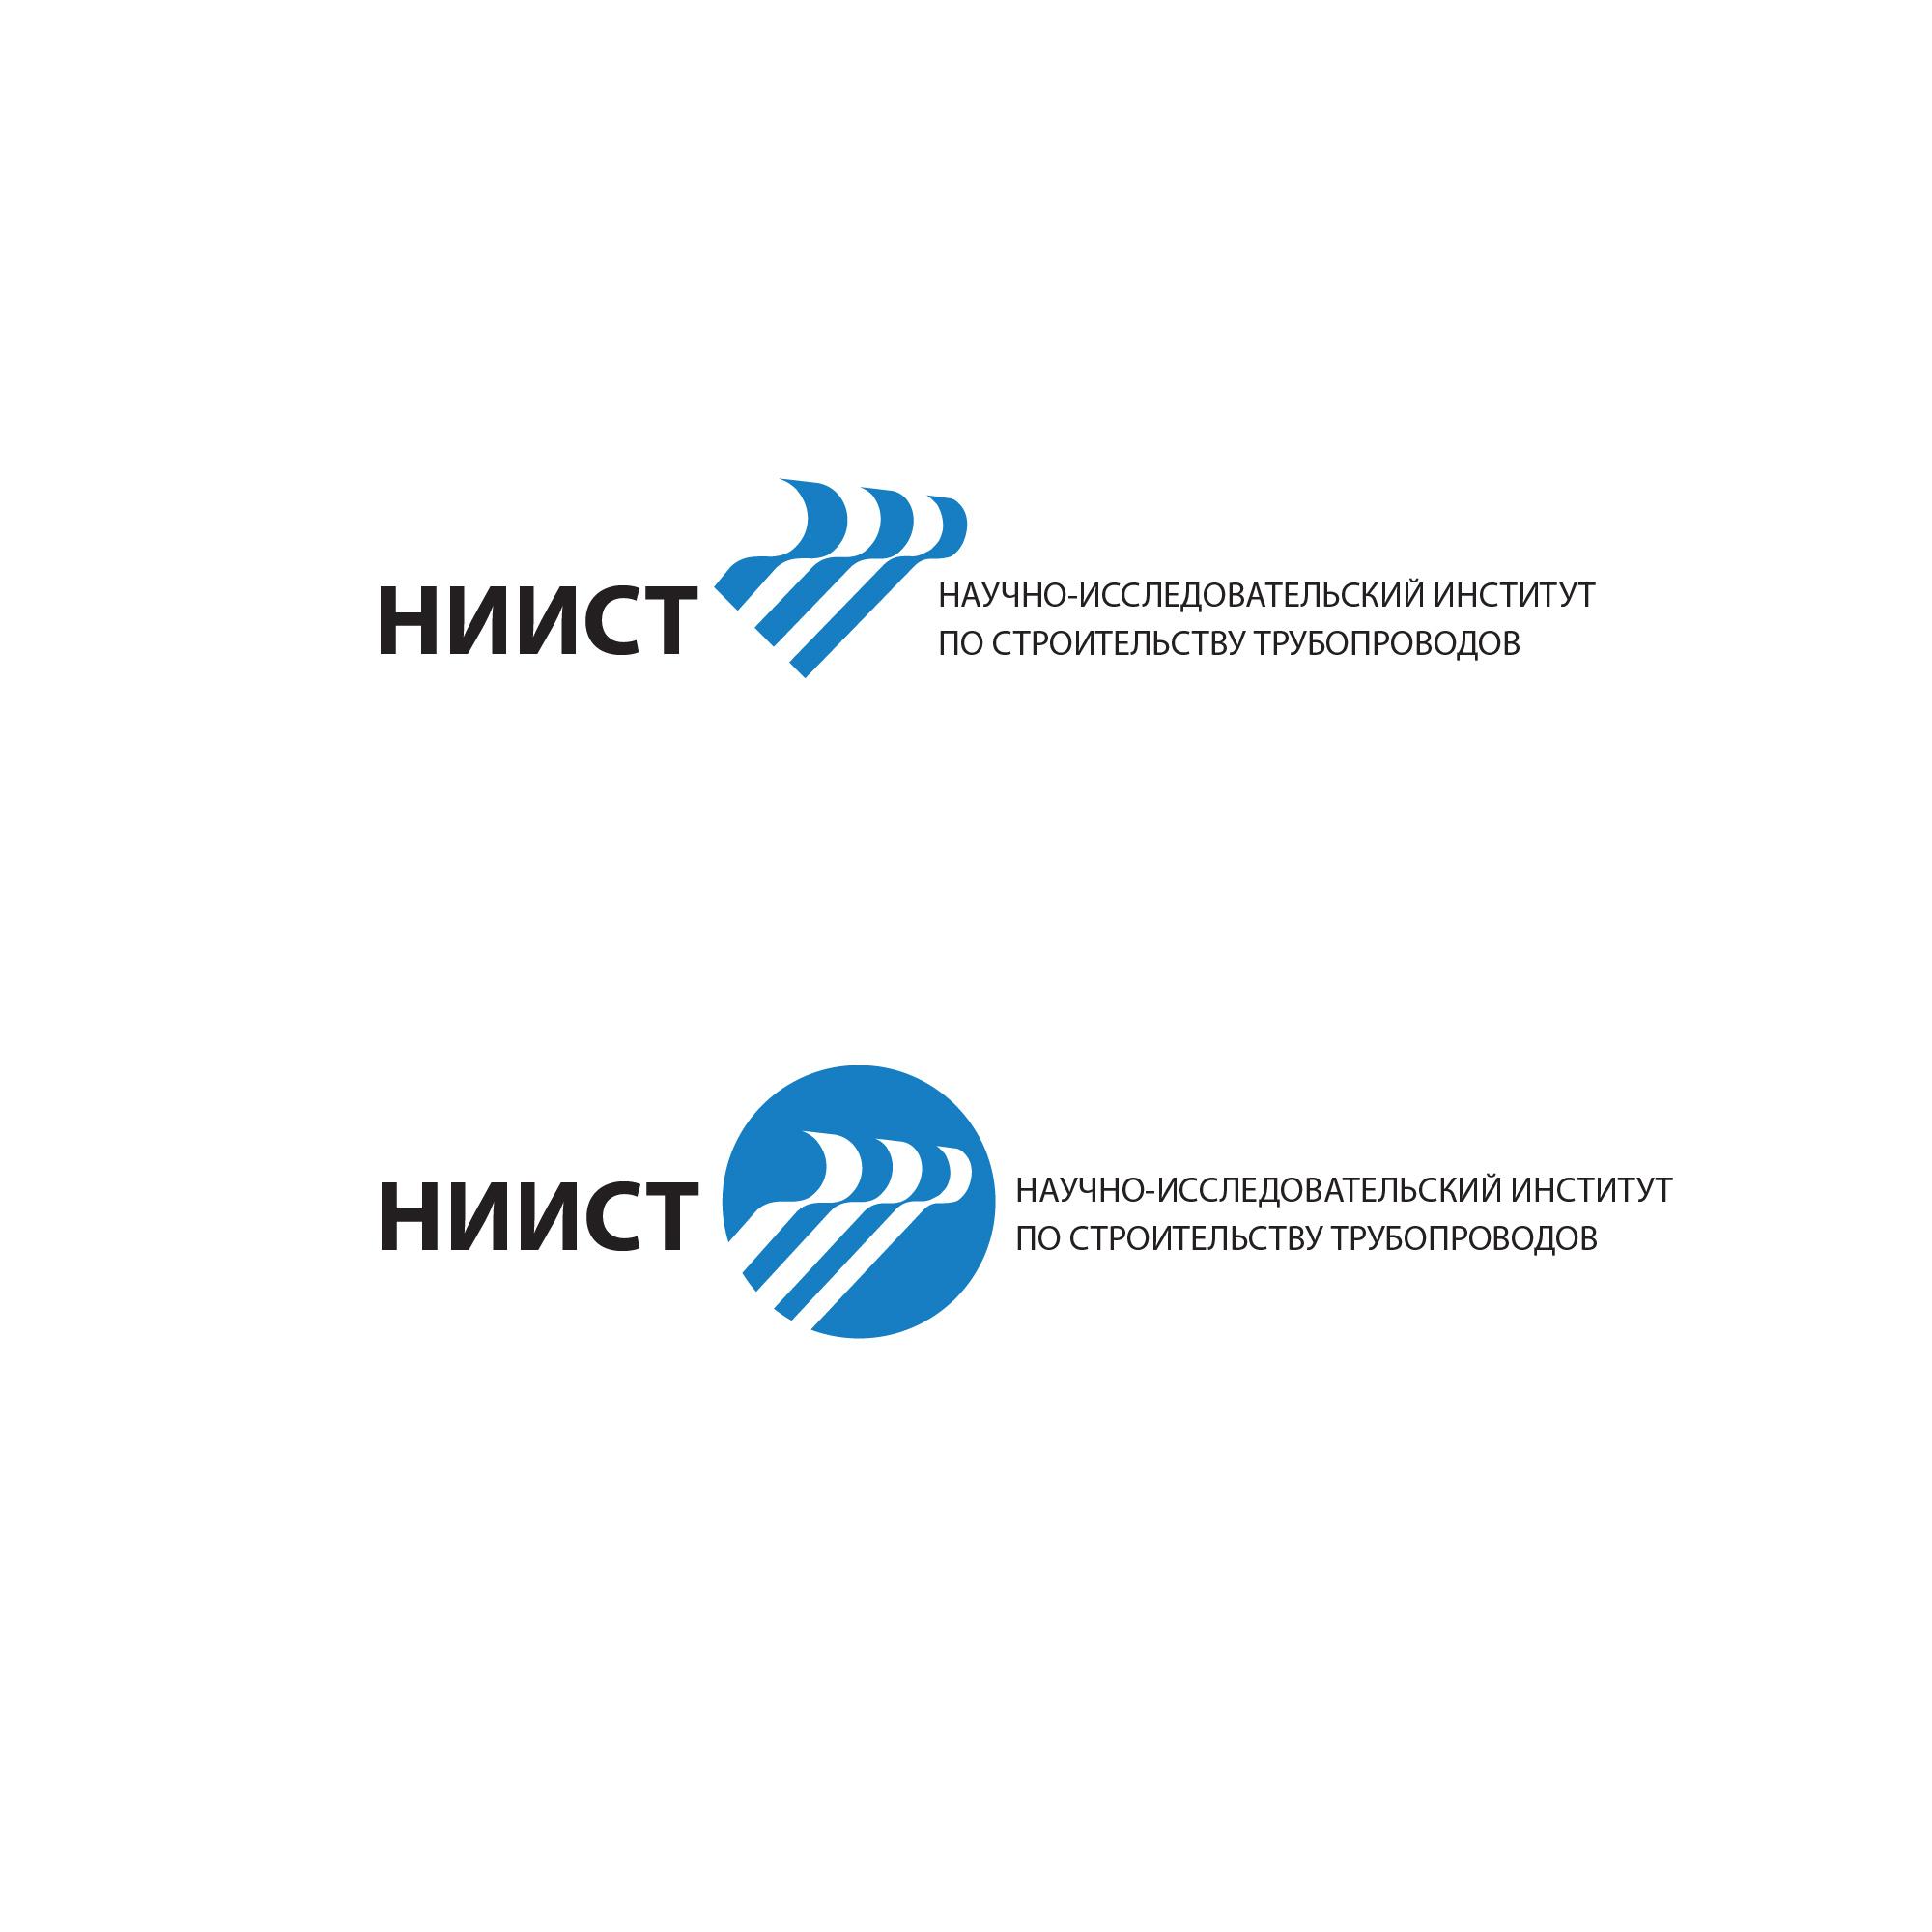 Разработка логотипа фото f_5135b9fe73721ec5.jpg